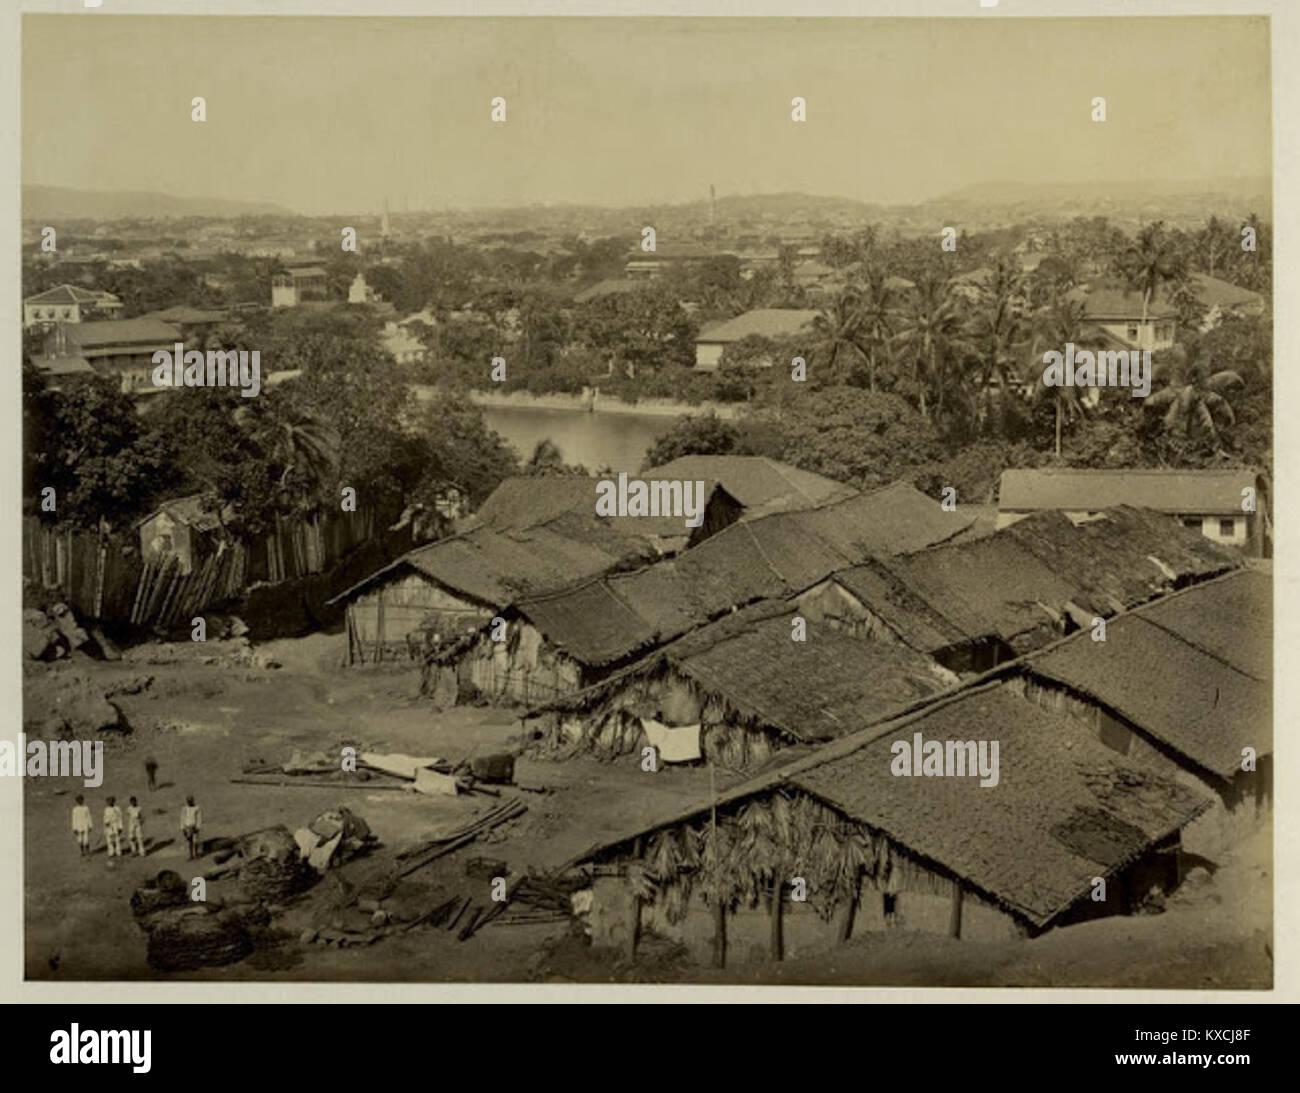 View from Malabar Hill - Bombay (Mumbai) 1880s Stock Photo